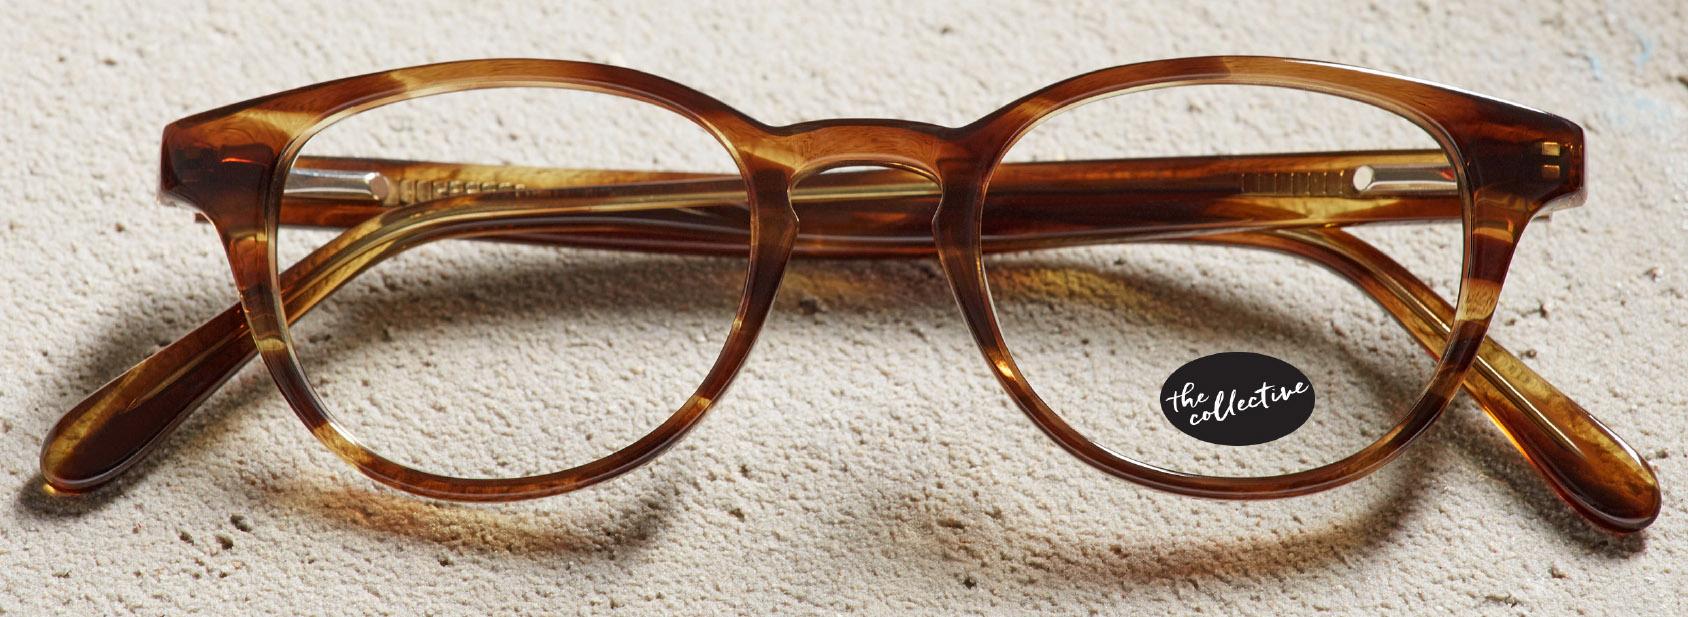 eyeglasses lens cling